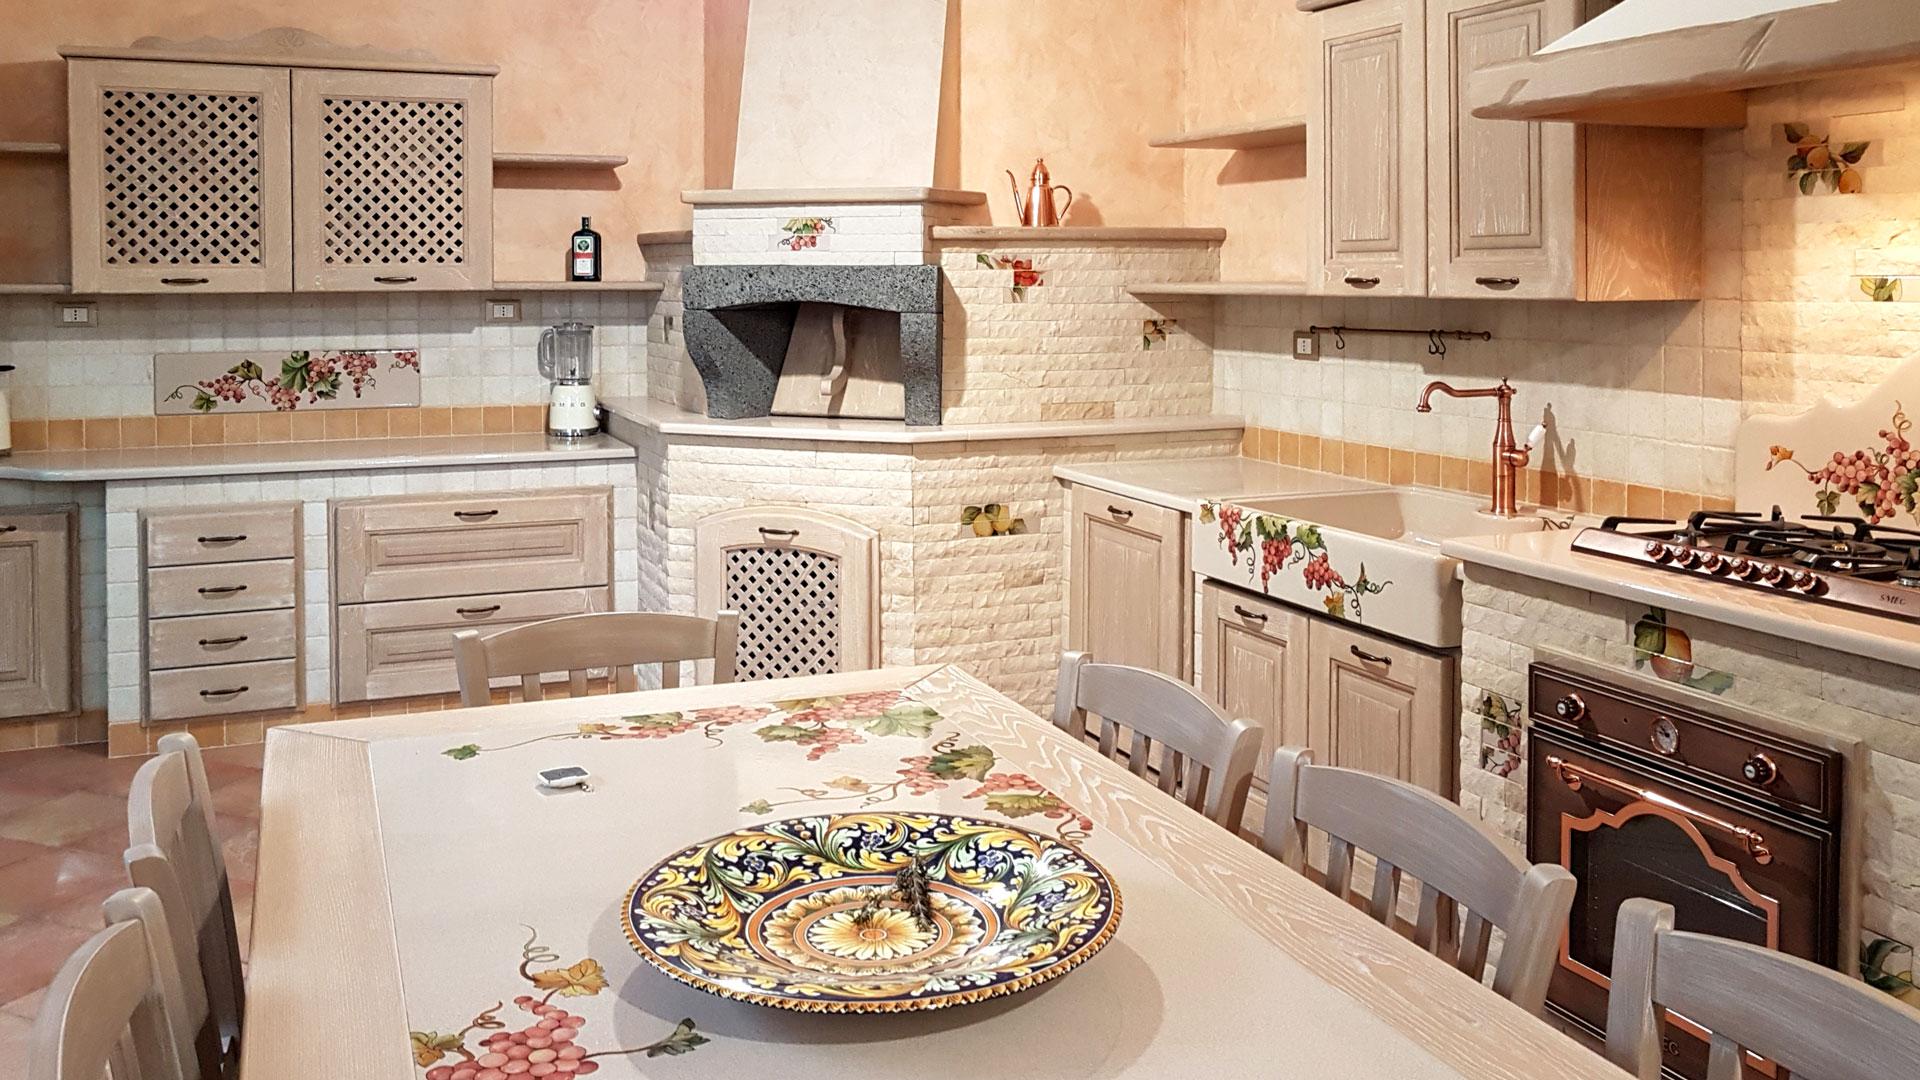 Forno Cucina In Muratura cucine siciliane artigianali realizzate su misura | artesole